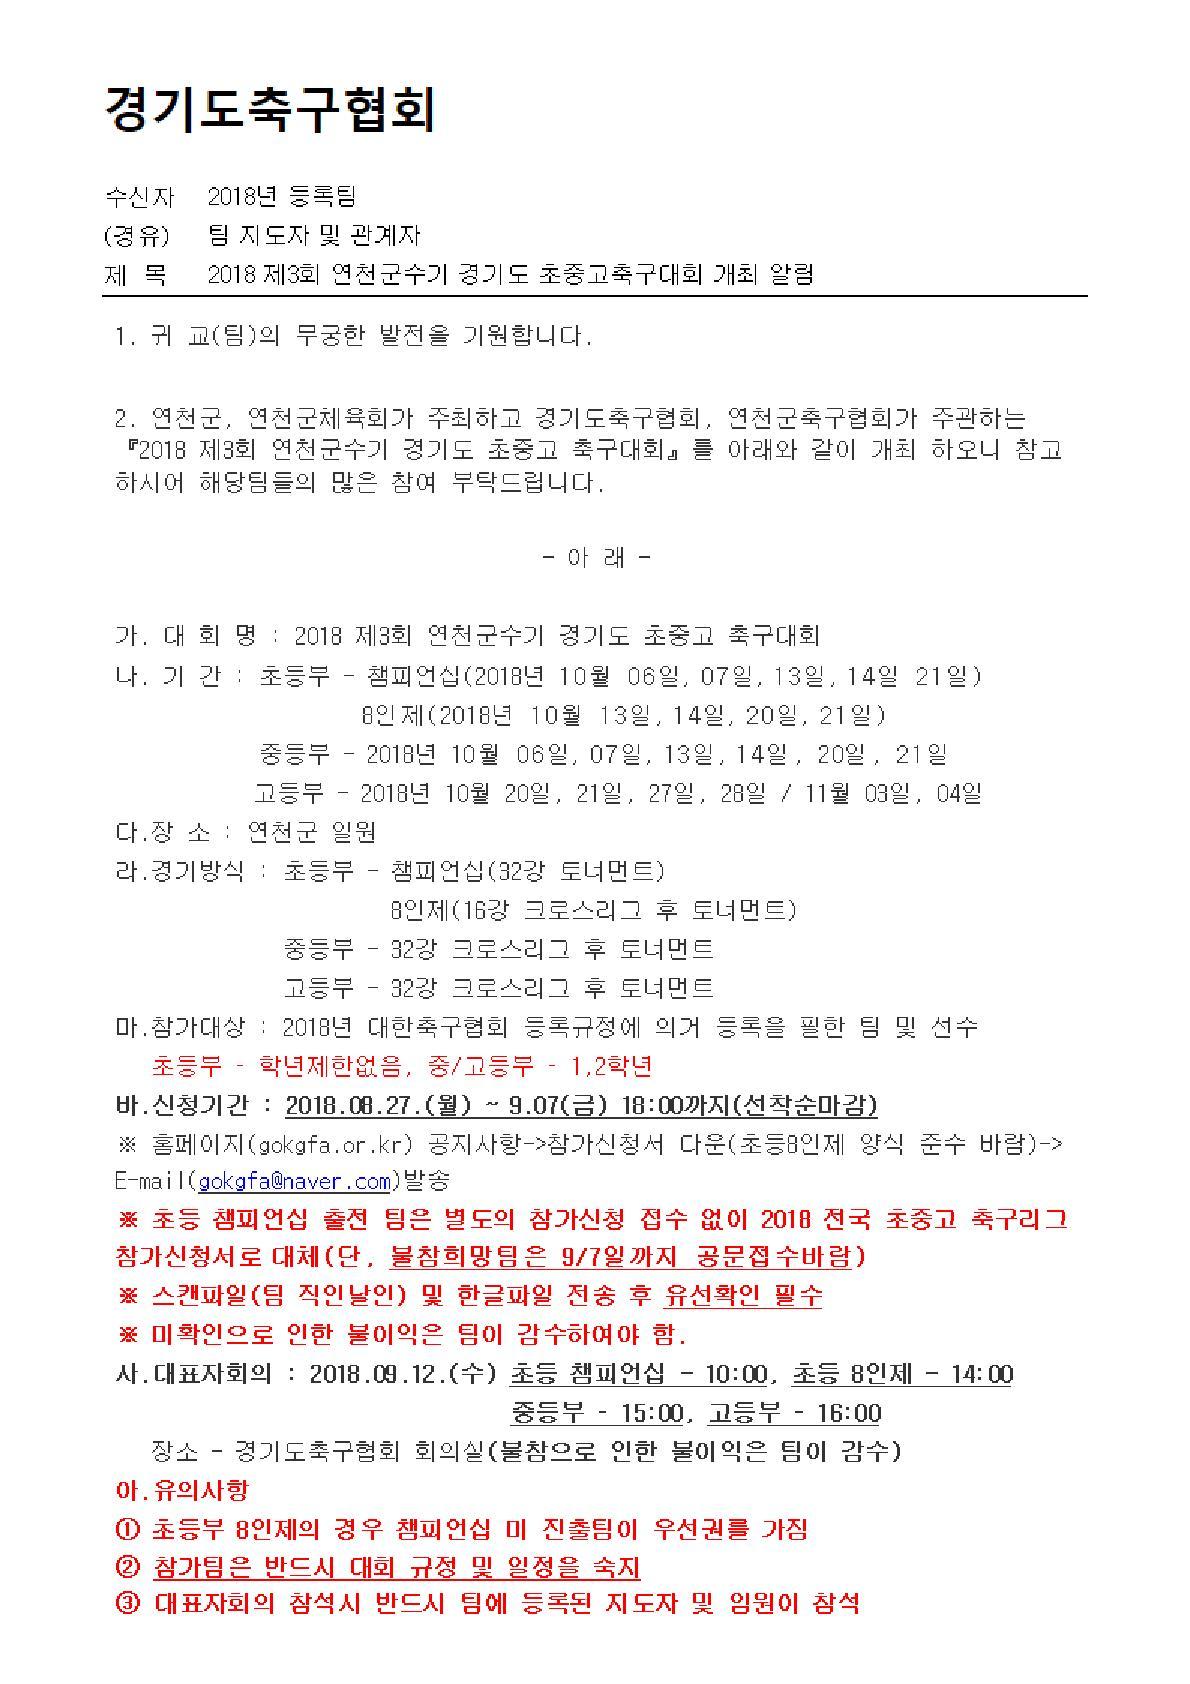 2018 제3회 연천군수기 경기도 초중고축구대회 개최 알림 (1)_1.jpg